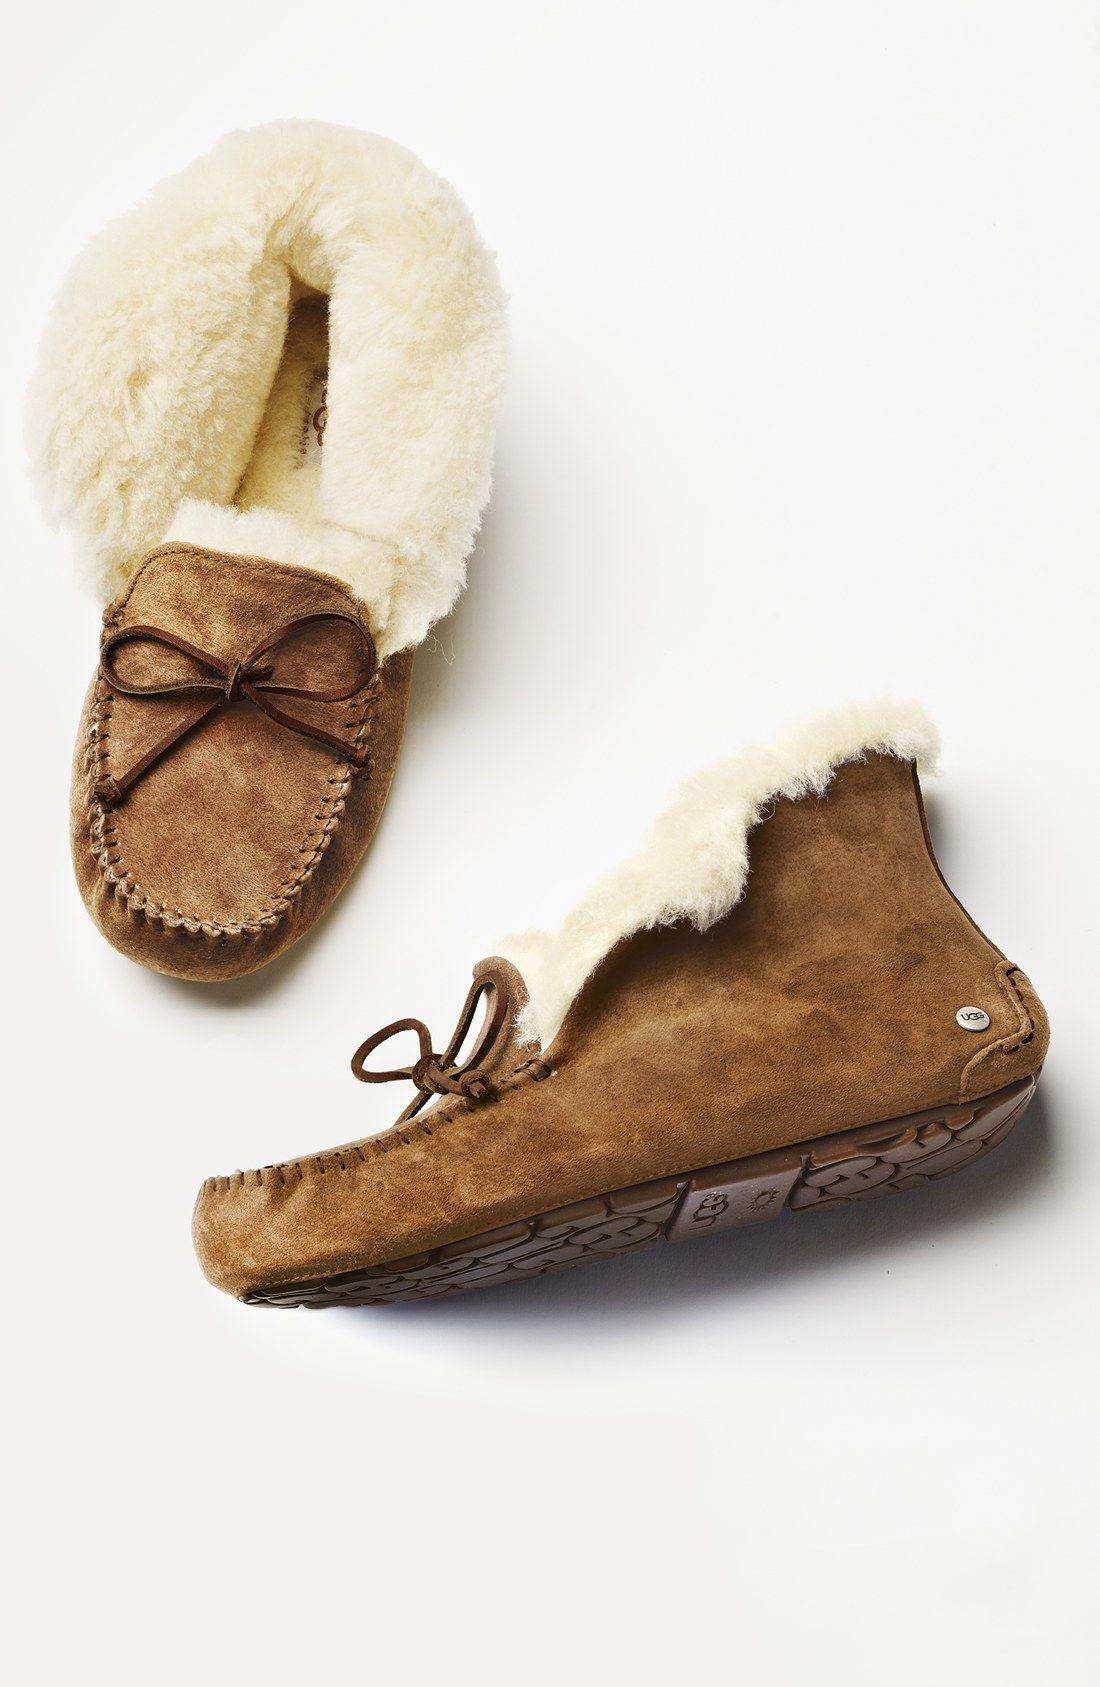 Mourir d Ugg envie de s avec installer avec ces chaussons d extrêmement confortables par Ugg 76e7a32 - nobopintu.website